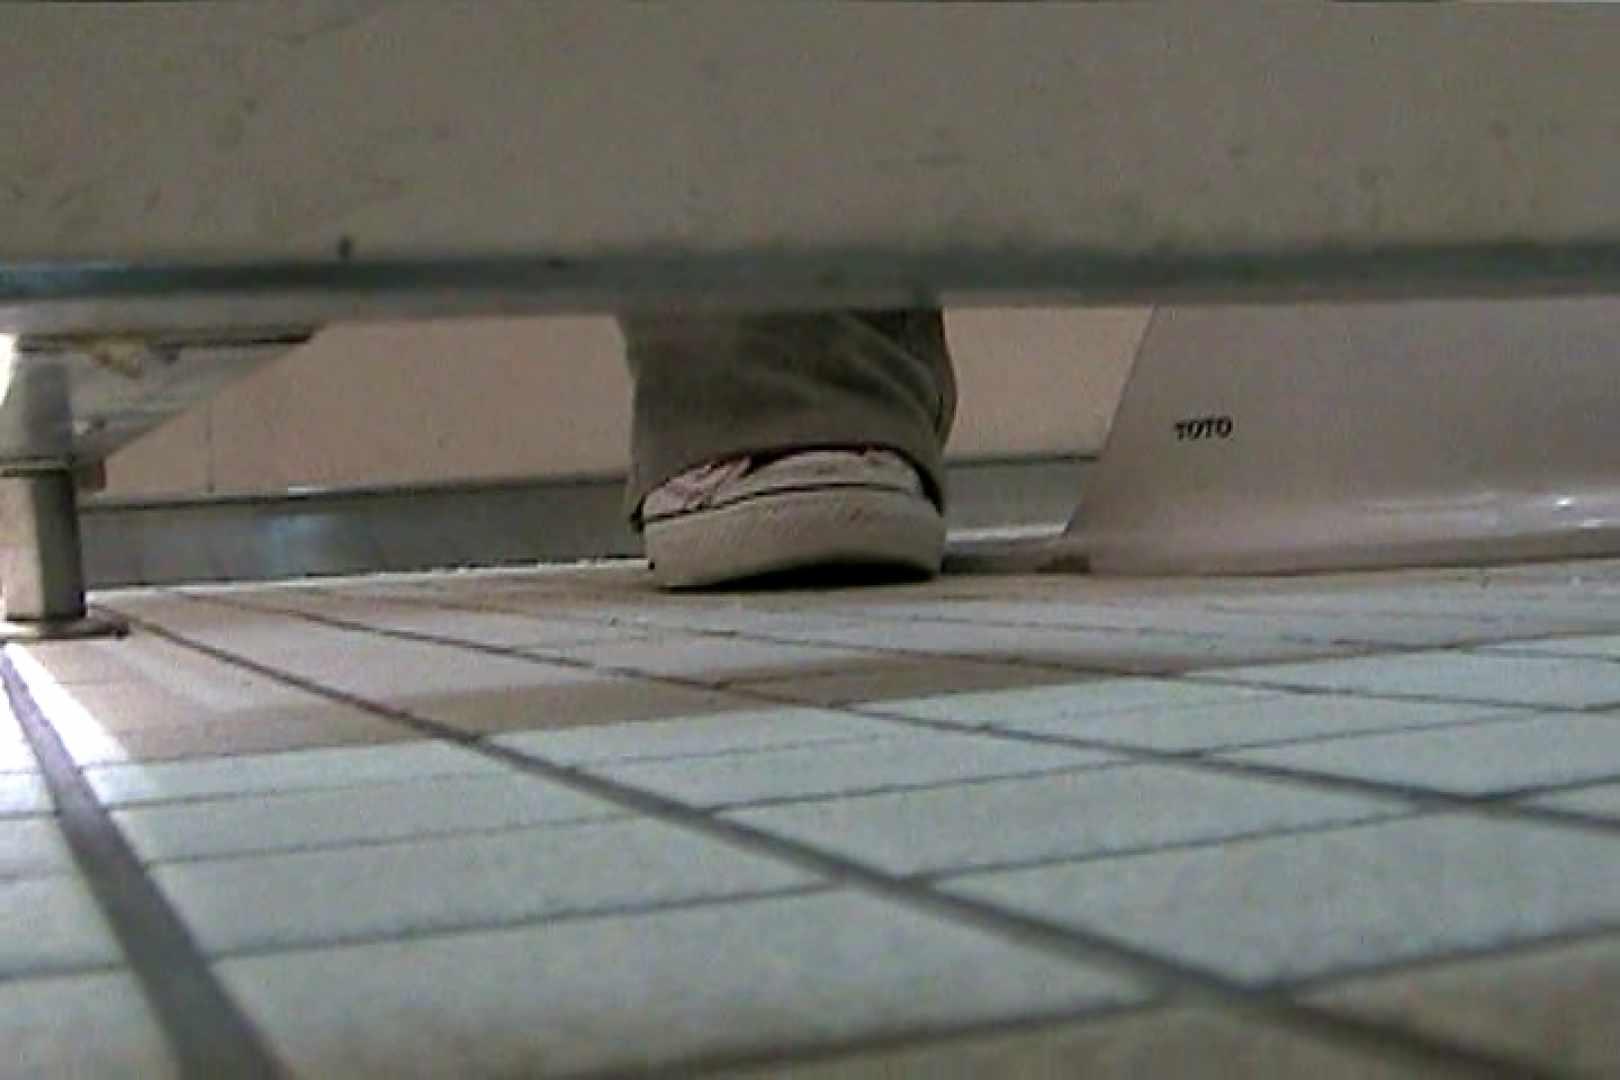 マンコ丸見え女子洗面所Vol.42 マンコ映像 オマンコ動画キャプチャ 71連発 63